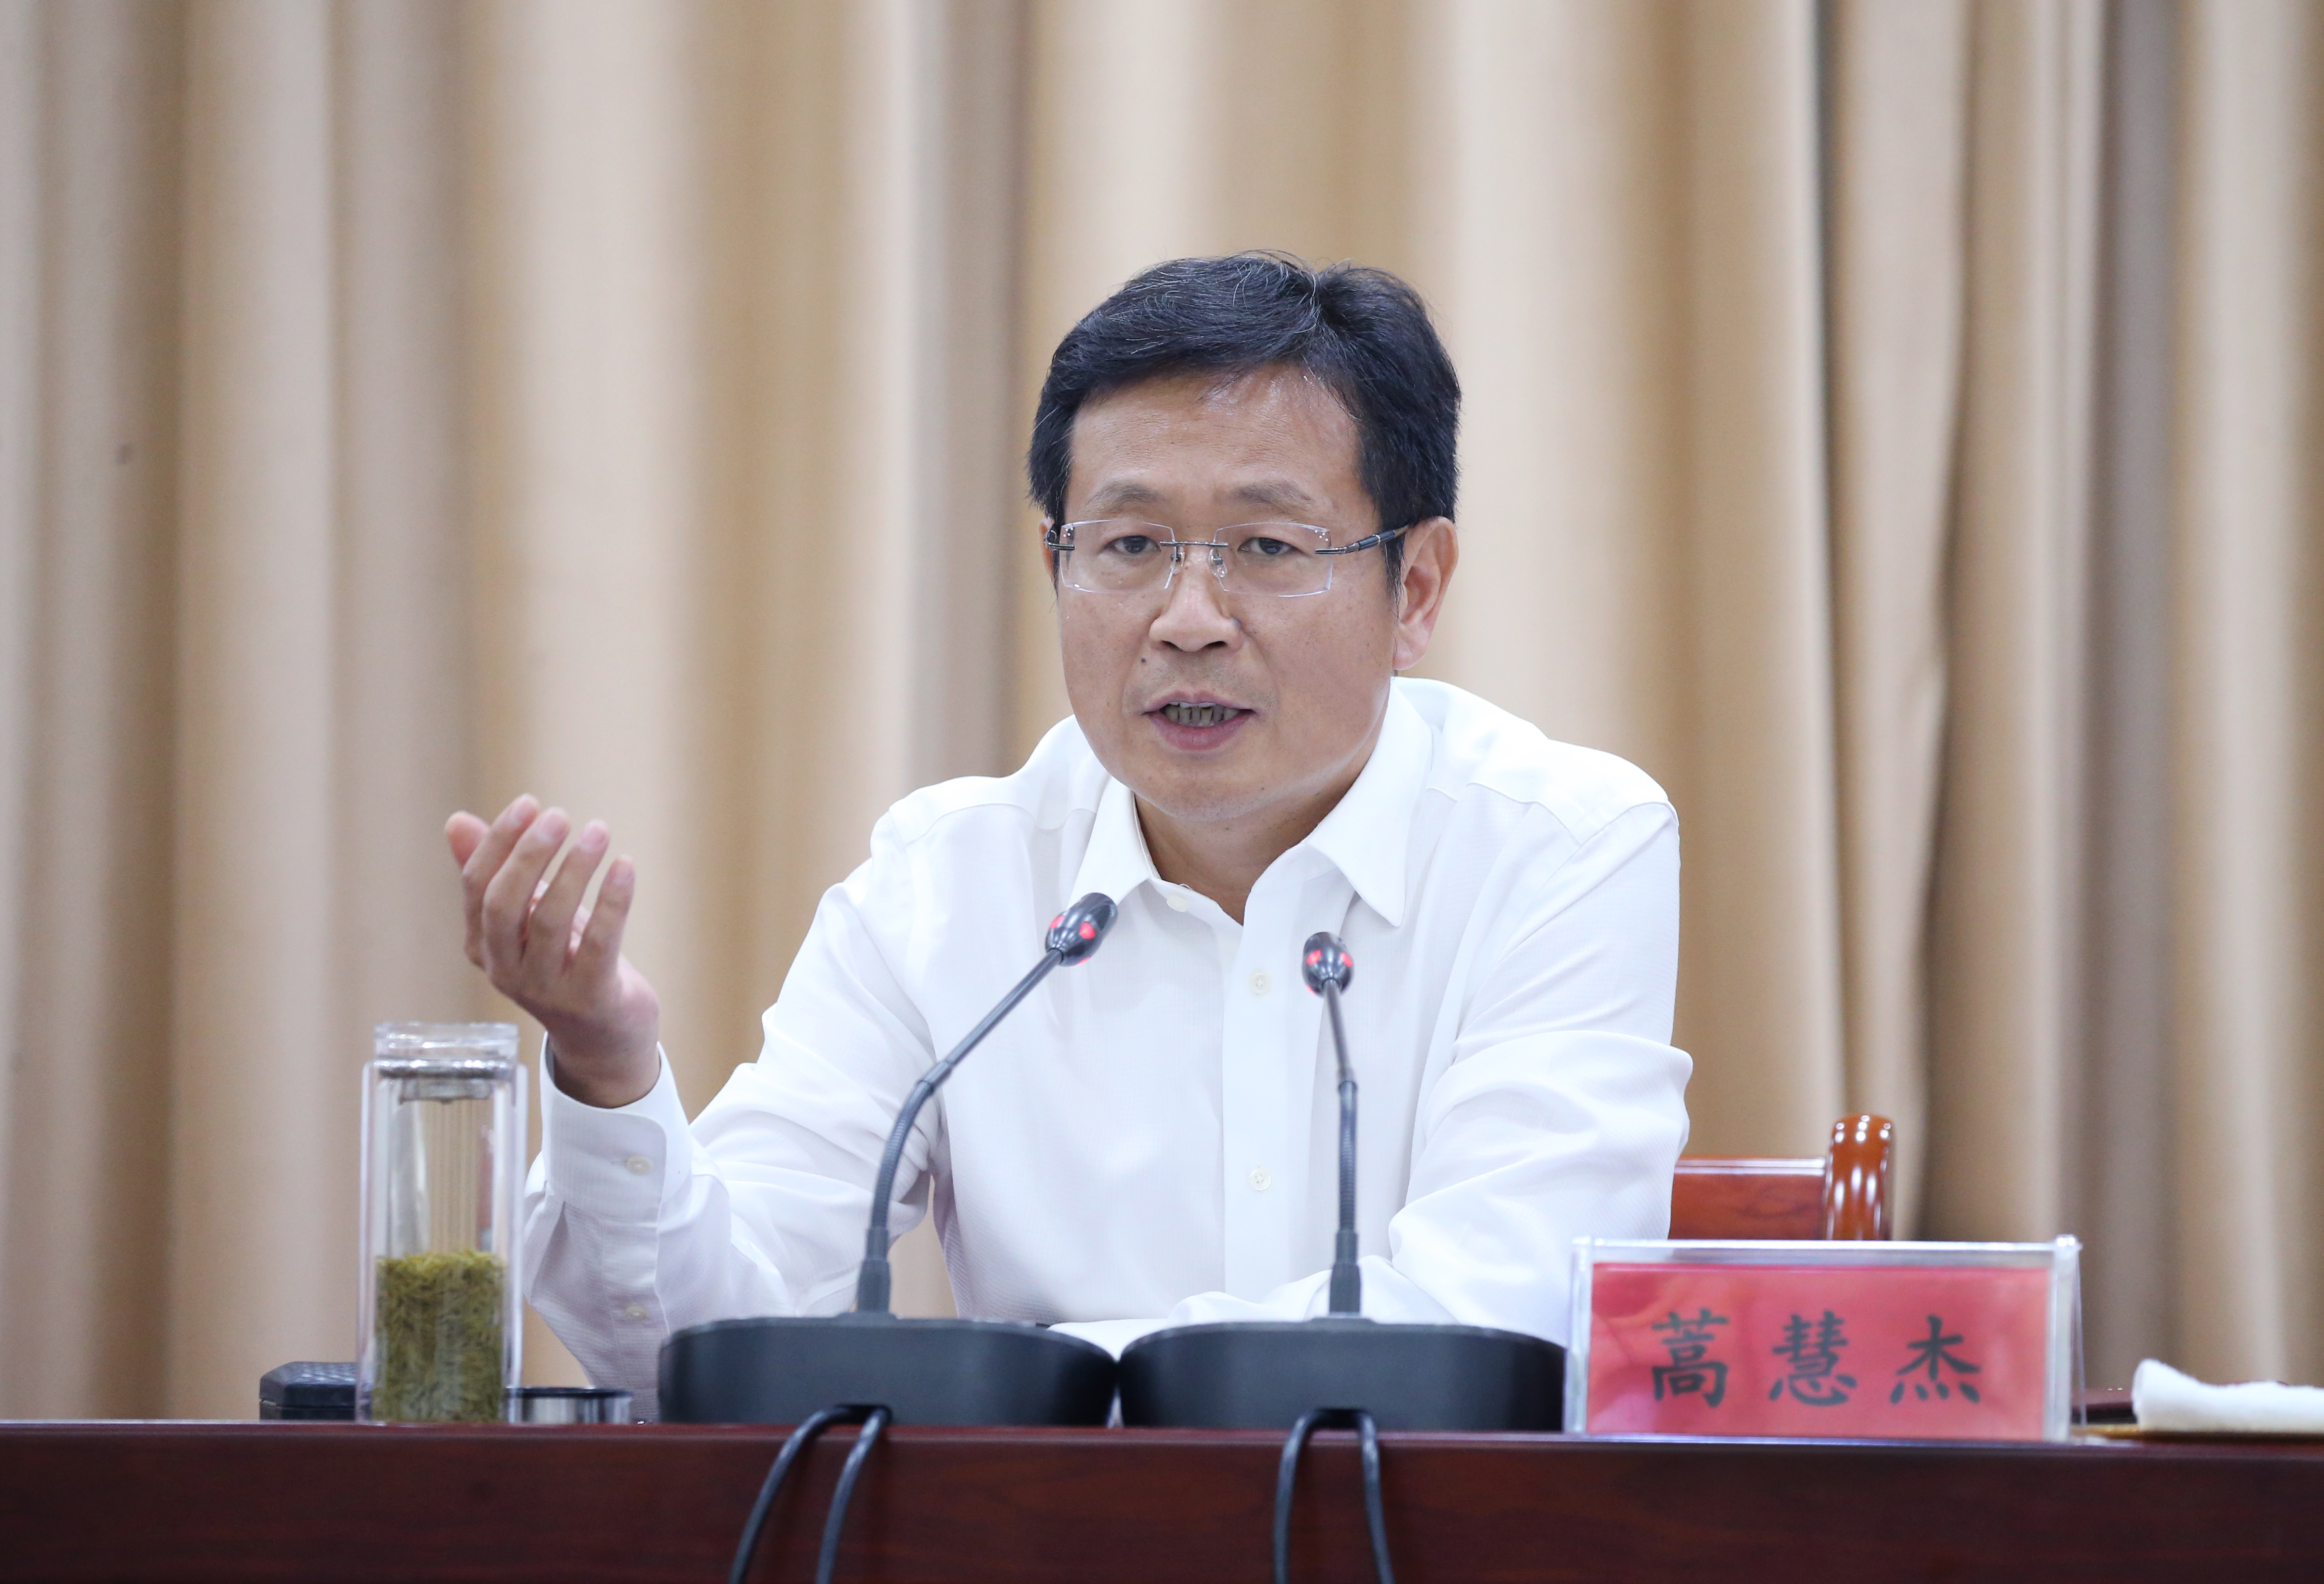 第二十四届中国农加工投洽会 驻马店市筹备工作动员会召开